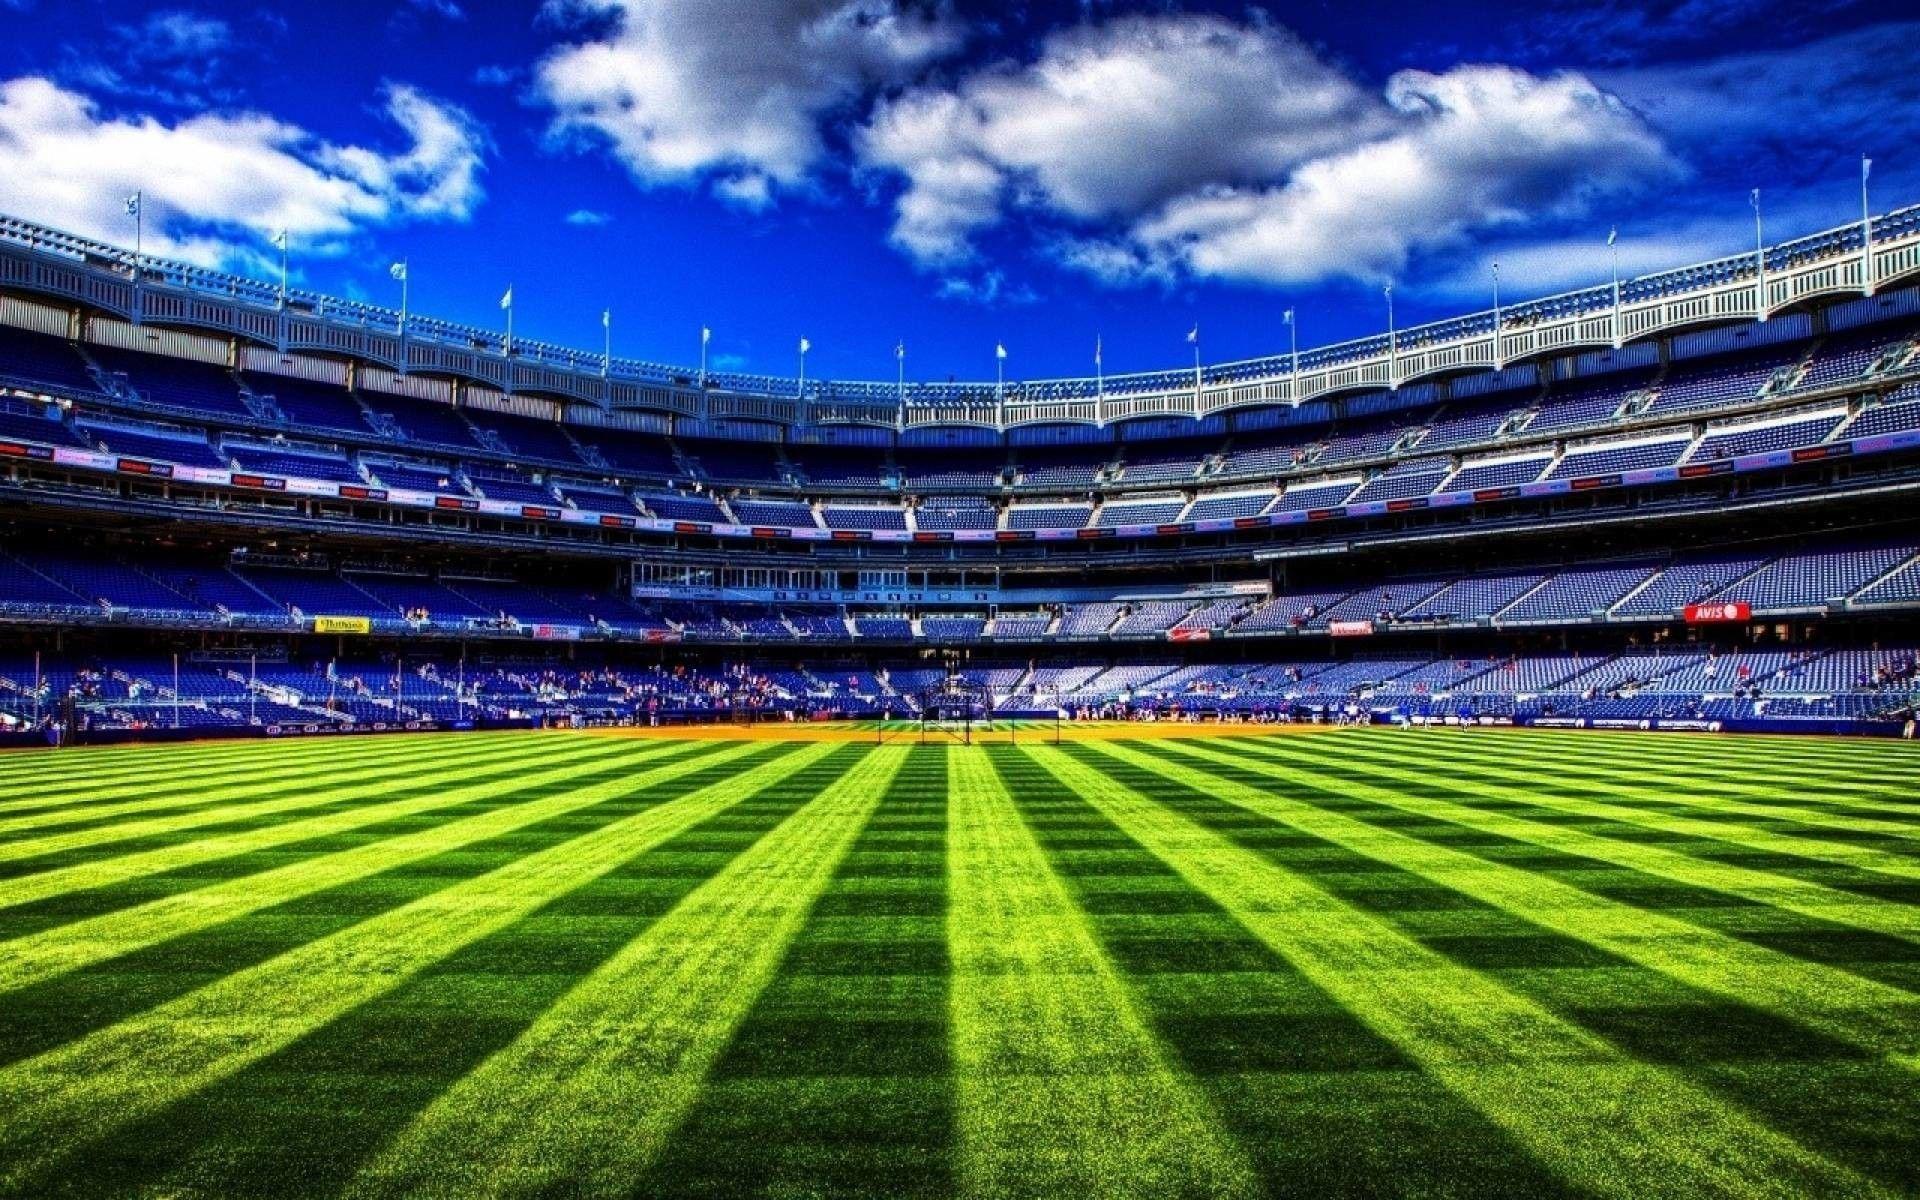 New Football Field Wallpaper Hd Stadium Wallpaper Field Wallpaper Soccer Stadium